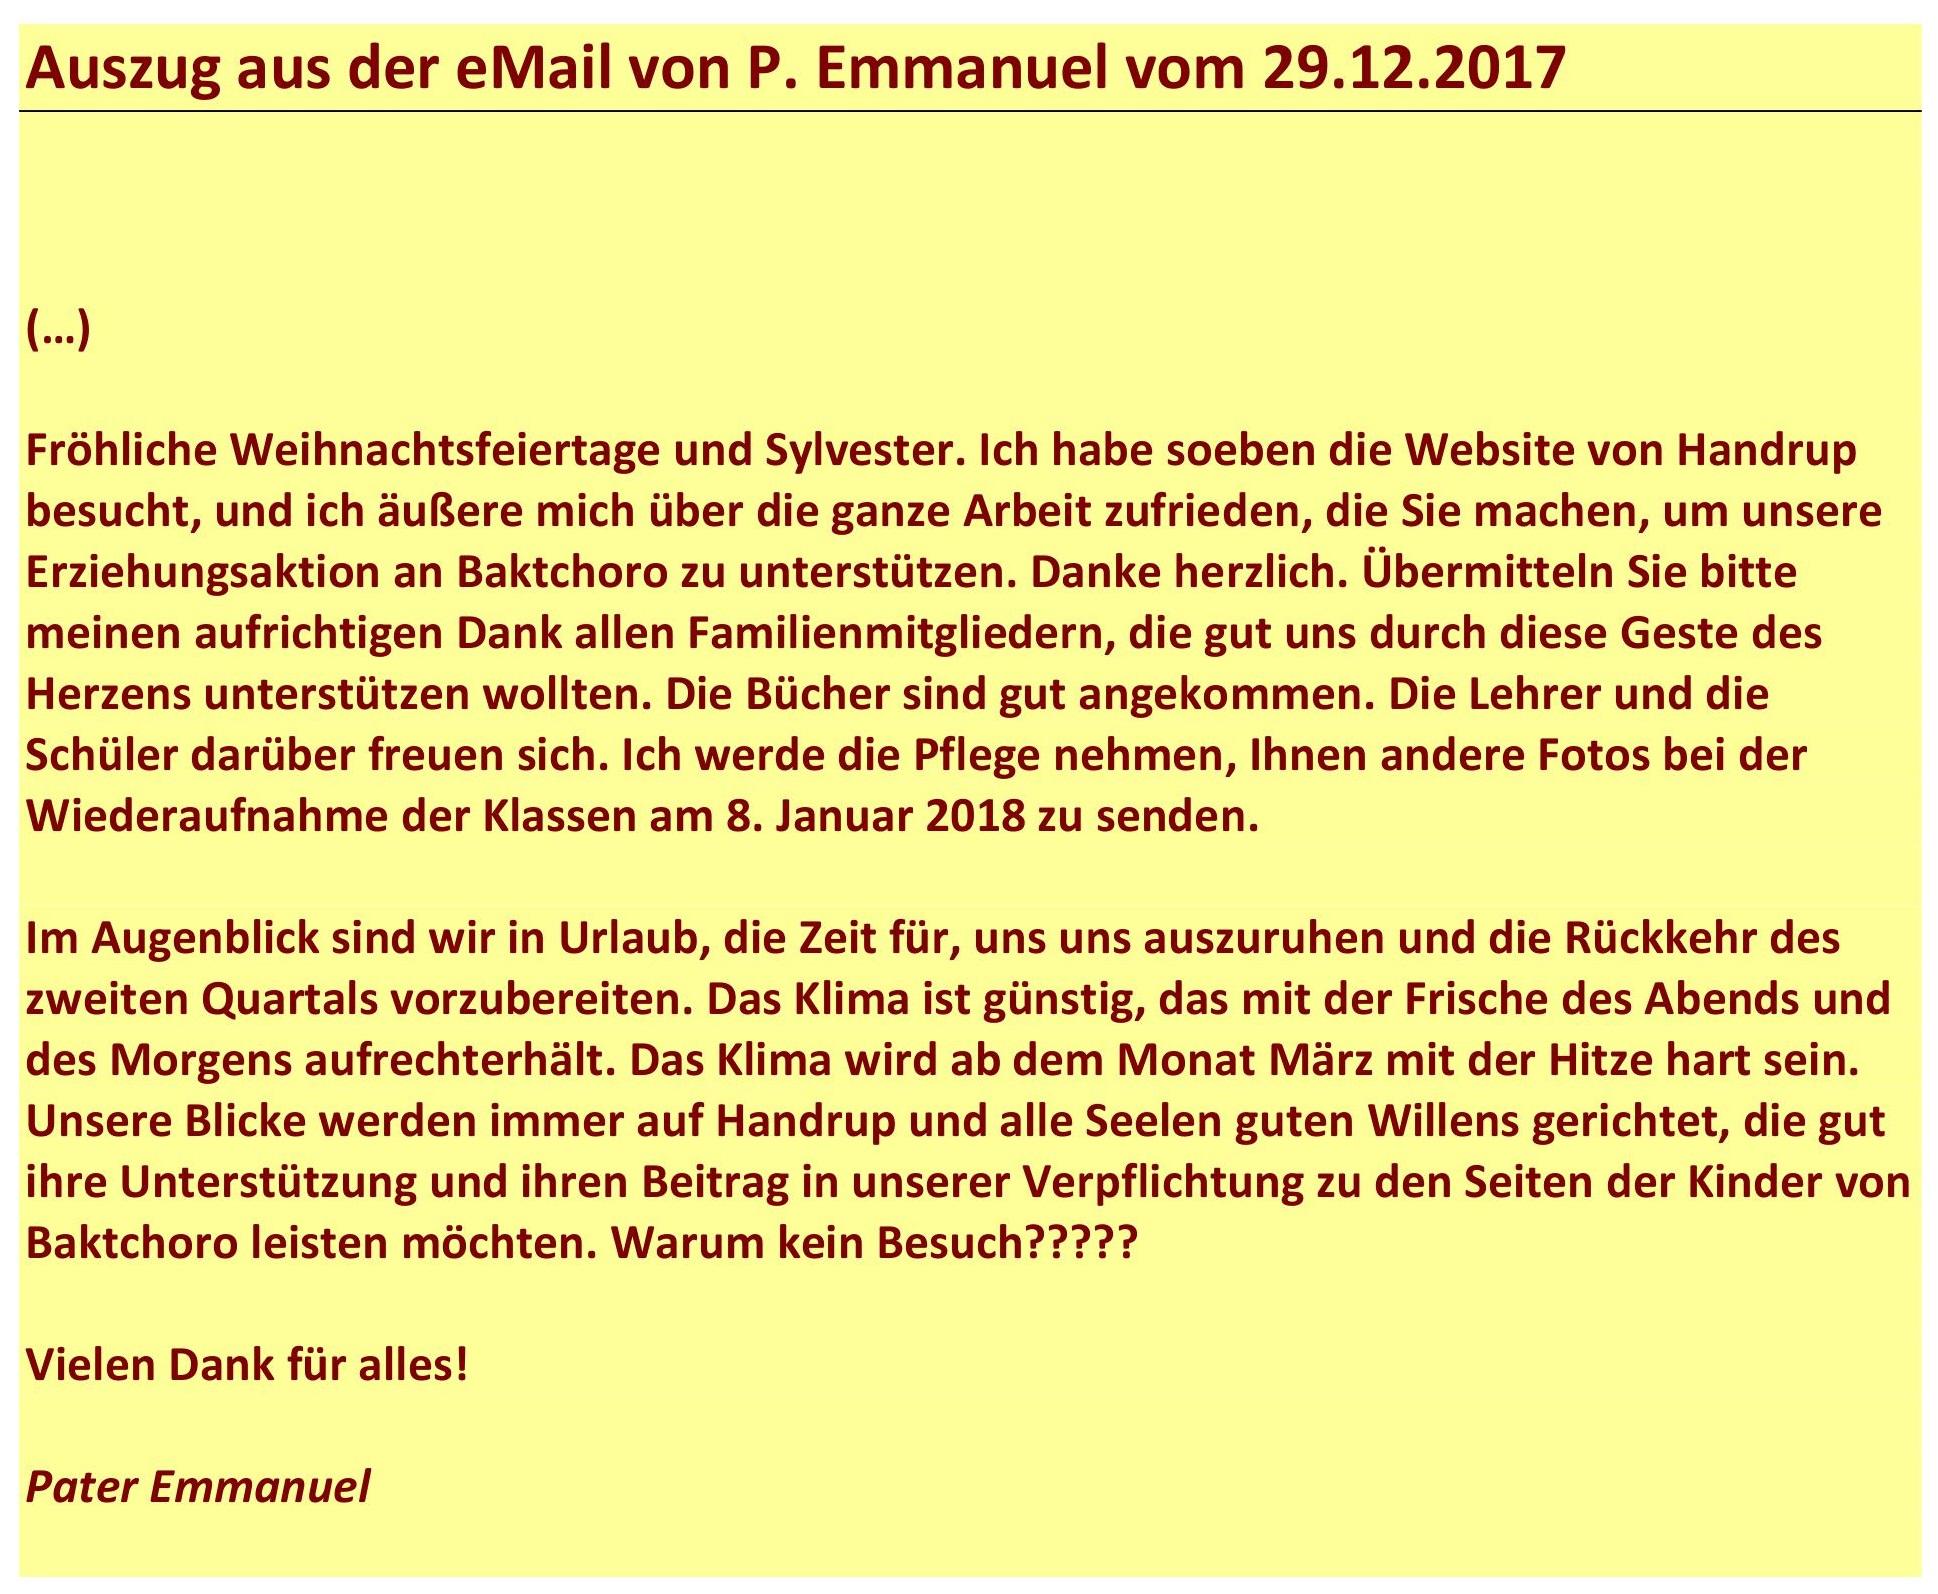 Dankschreiben von P. Emmanuel vom 29.12.2017-1